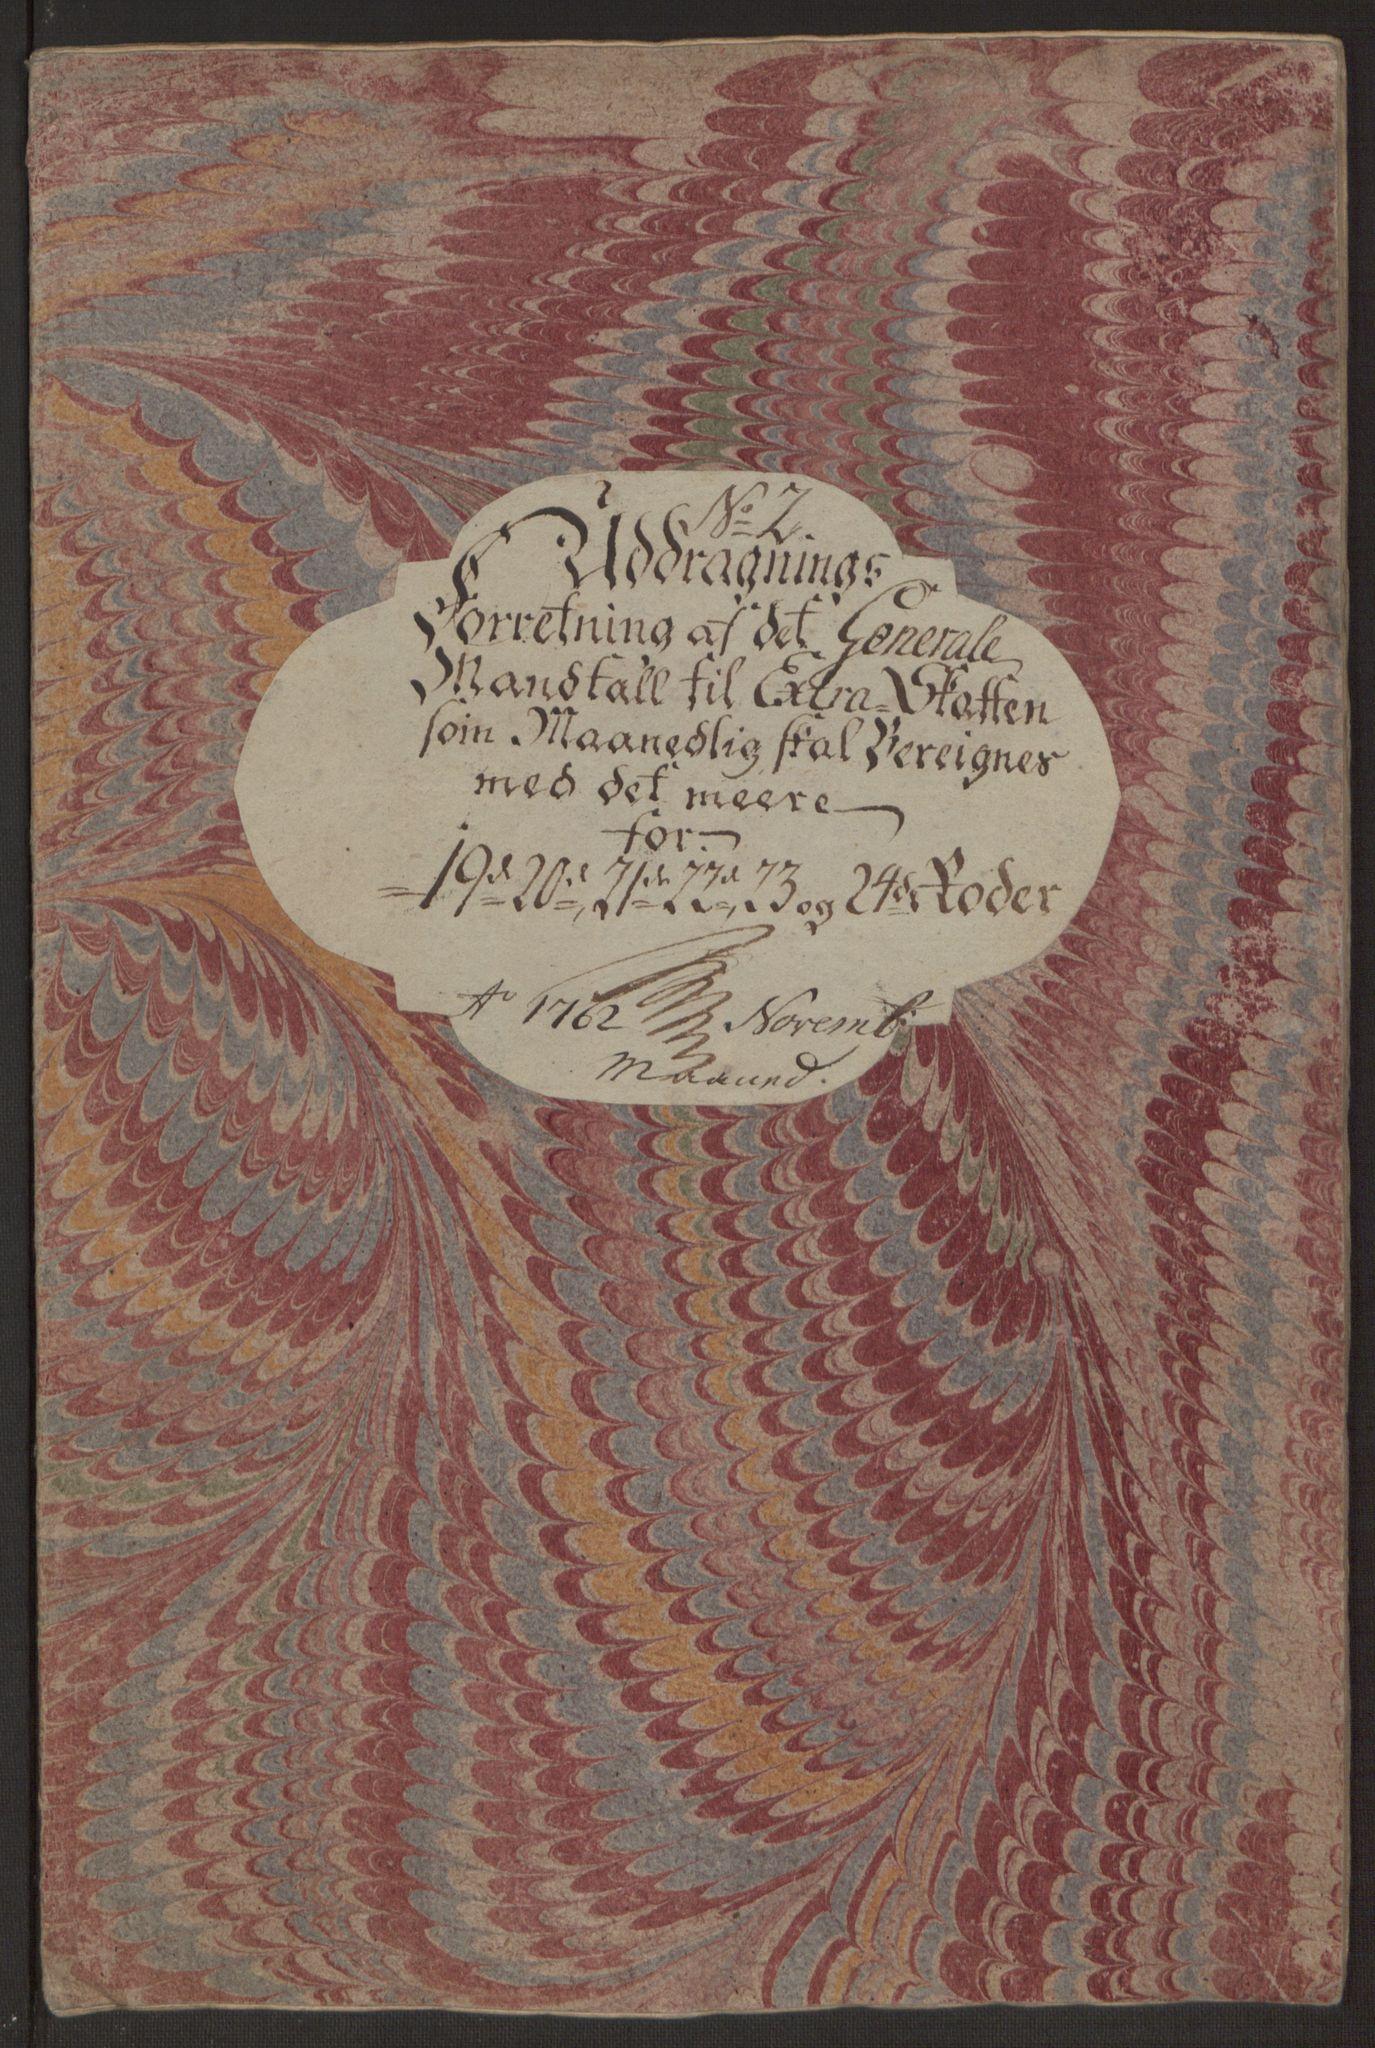 RA, Rentekammeret inntil 1814, Reviderte regnskaper, Byregnskaper, R/Rp/L0365: [P20] Kontribusjonsregnskap, 1762, s. 226